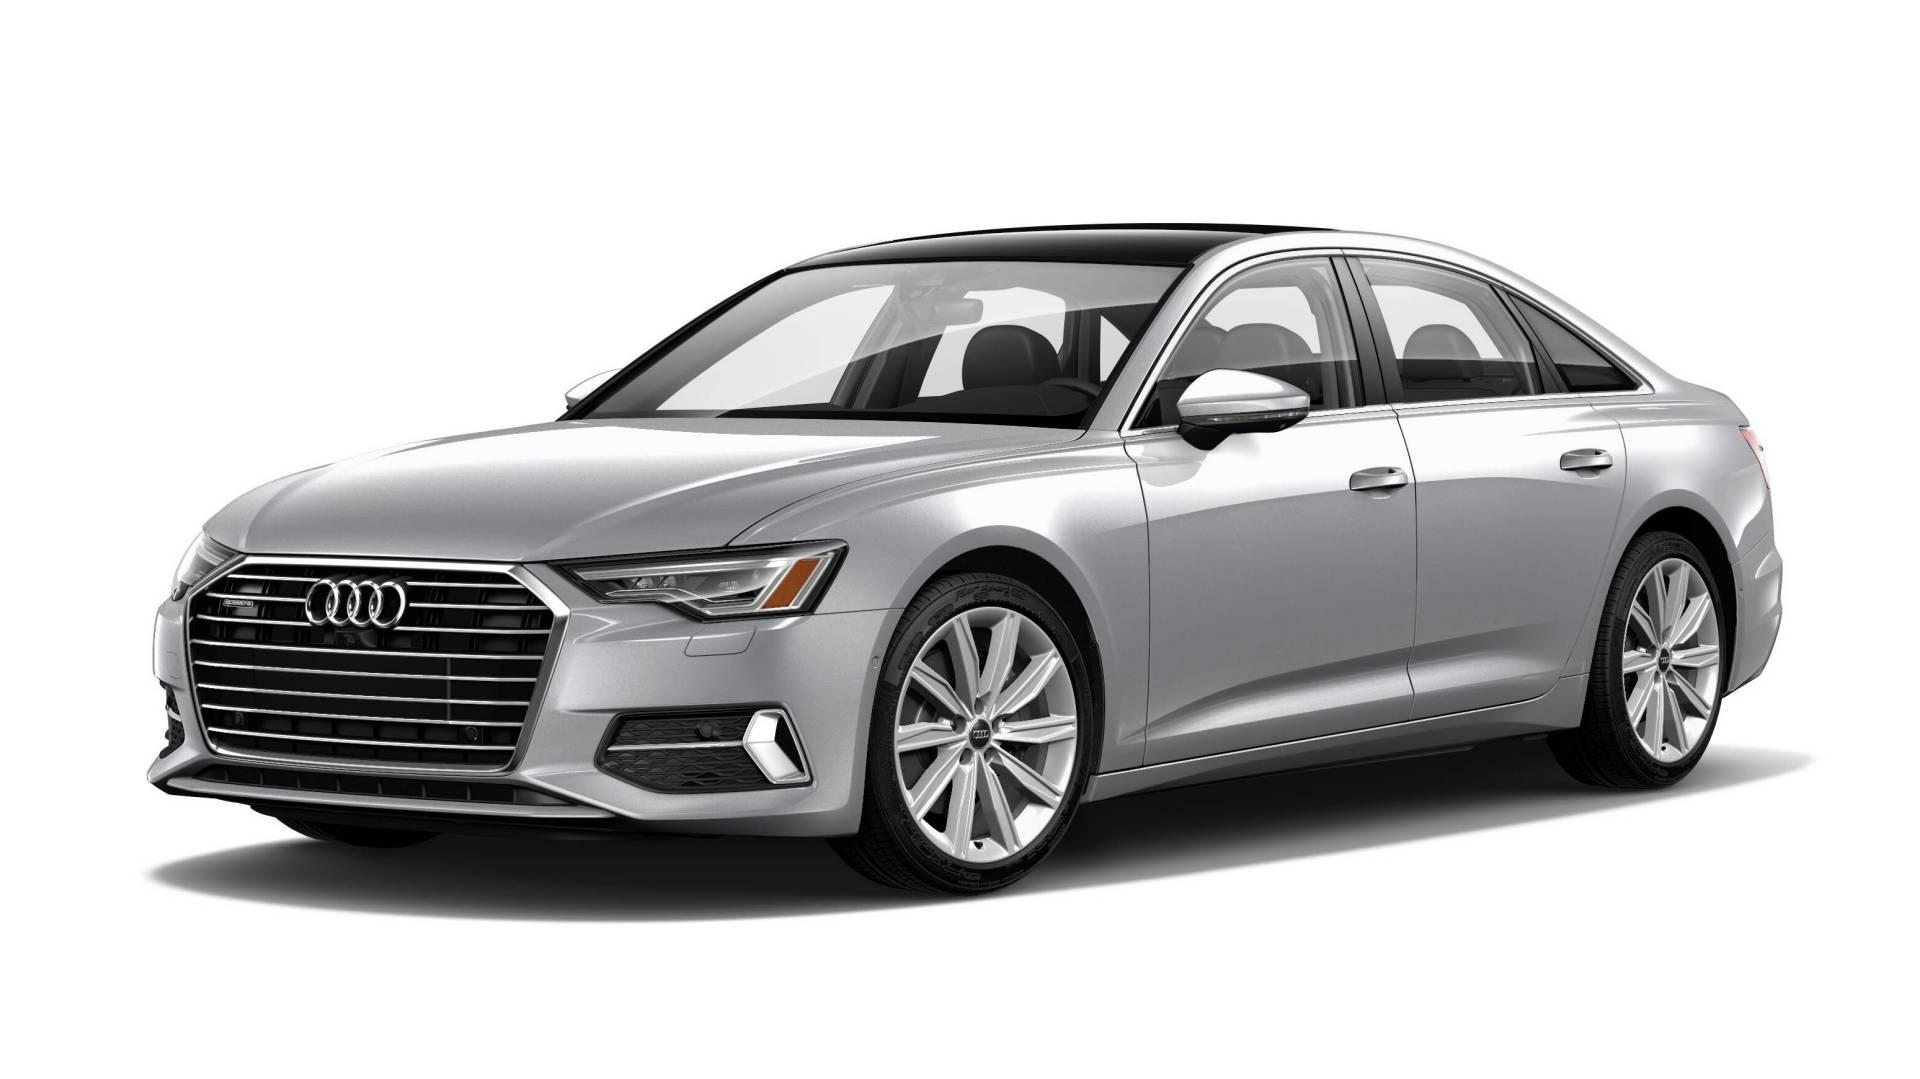 Kekurangan Audi A6 2.0 Harga